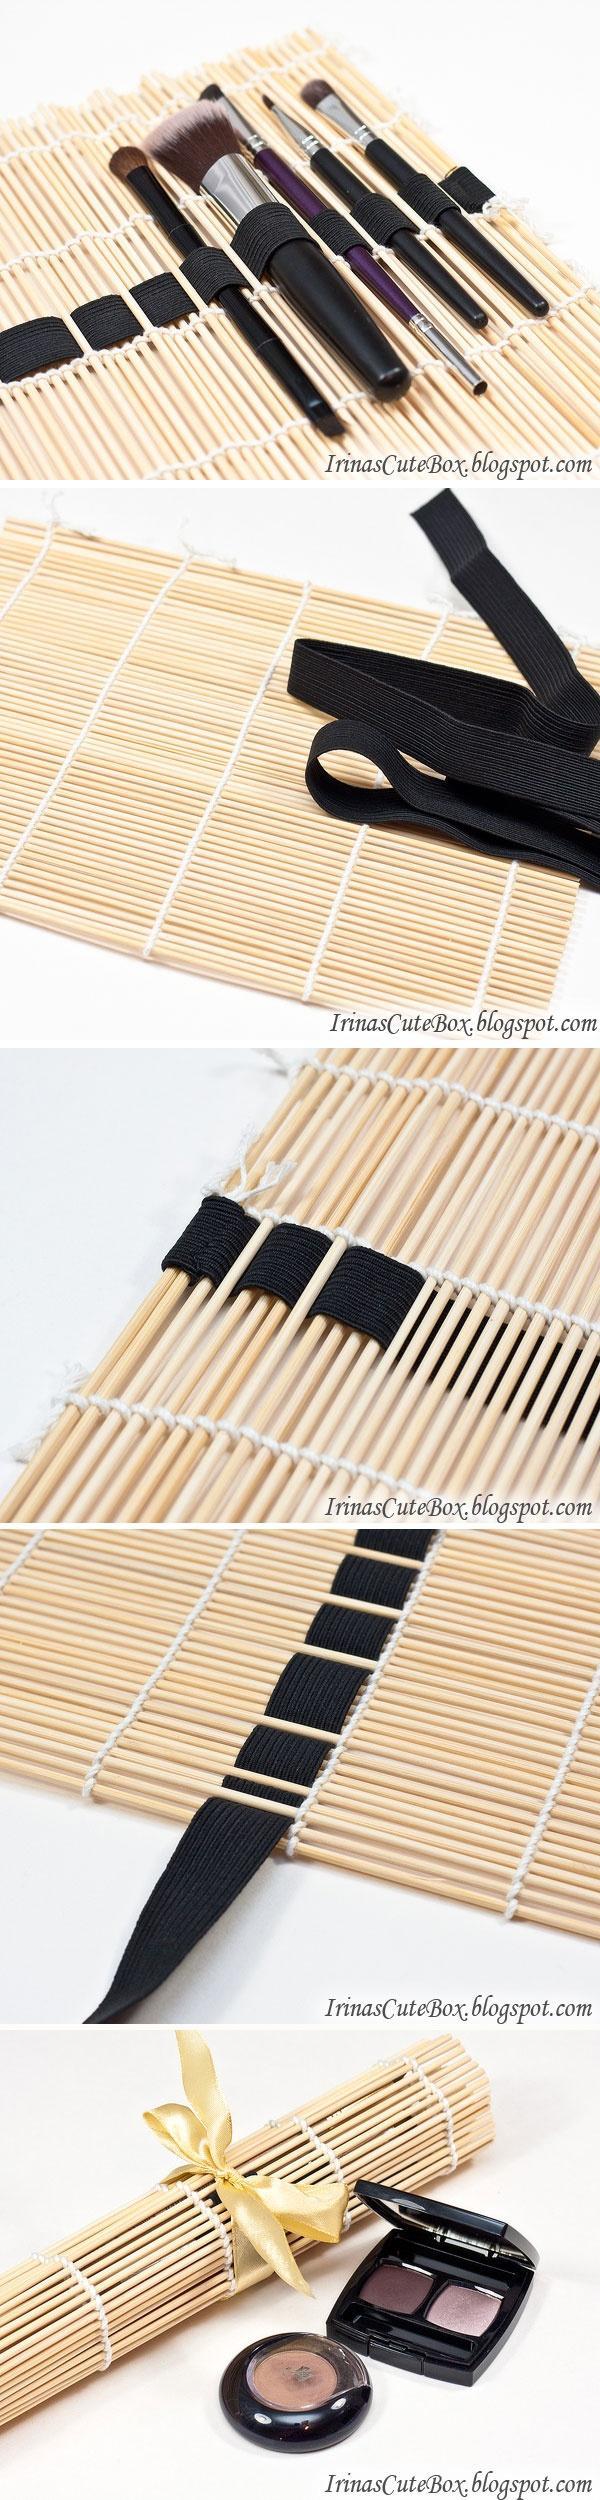 diy, diy projects, diy craft, handmade, diy sushi mat brush organizer